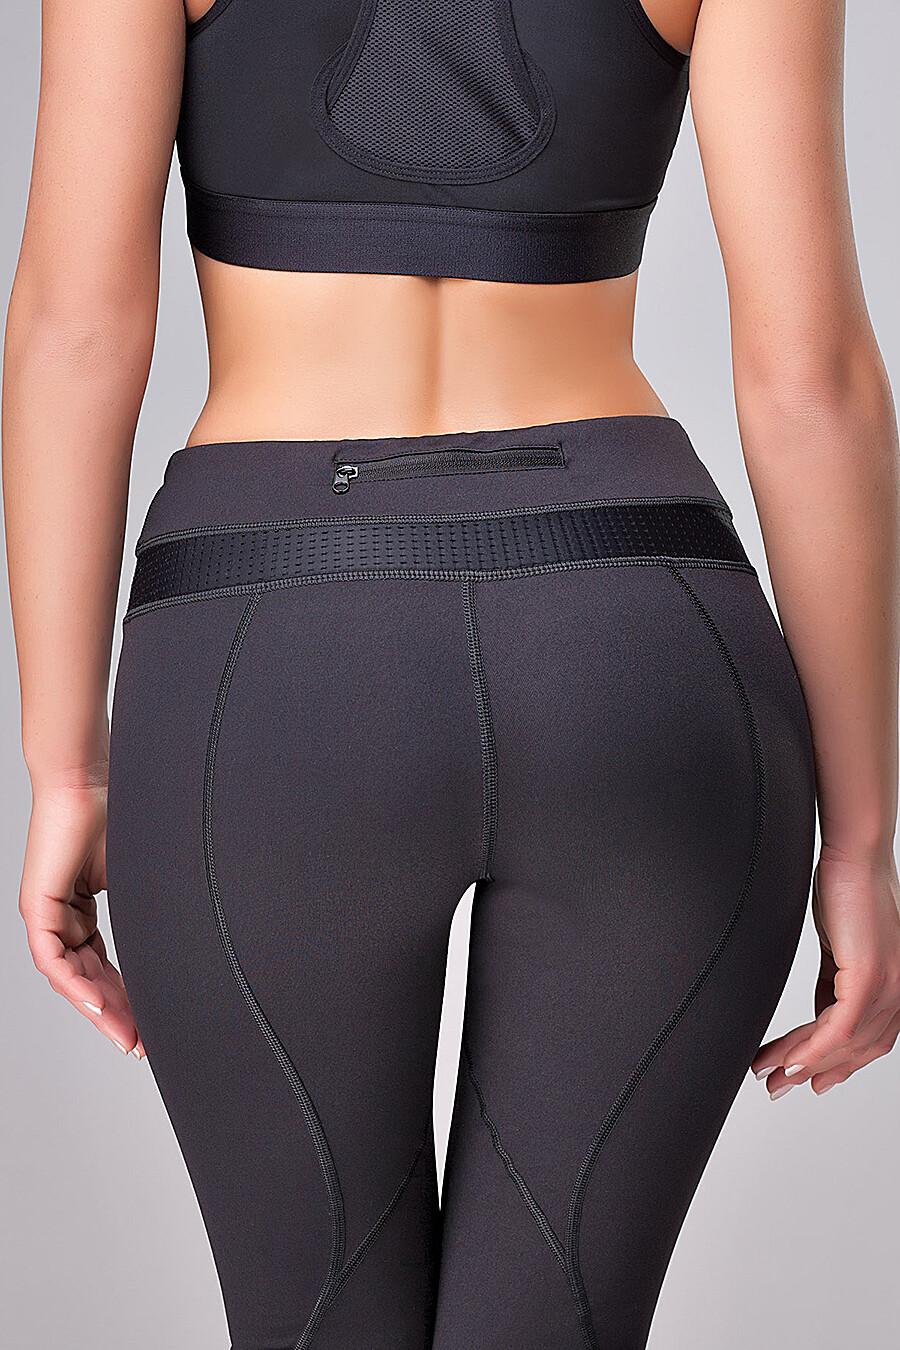 Легинсы для женщин OPIUM 649166 купить оптом от производителя. Совместная покупка женской одежды в OptMoyo